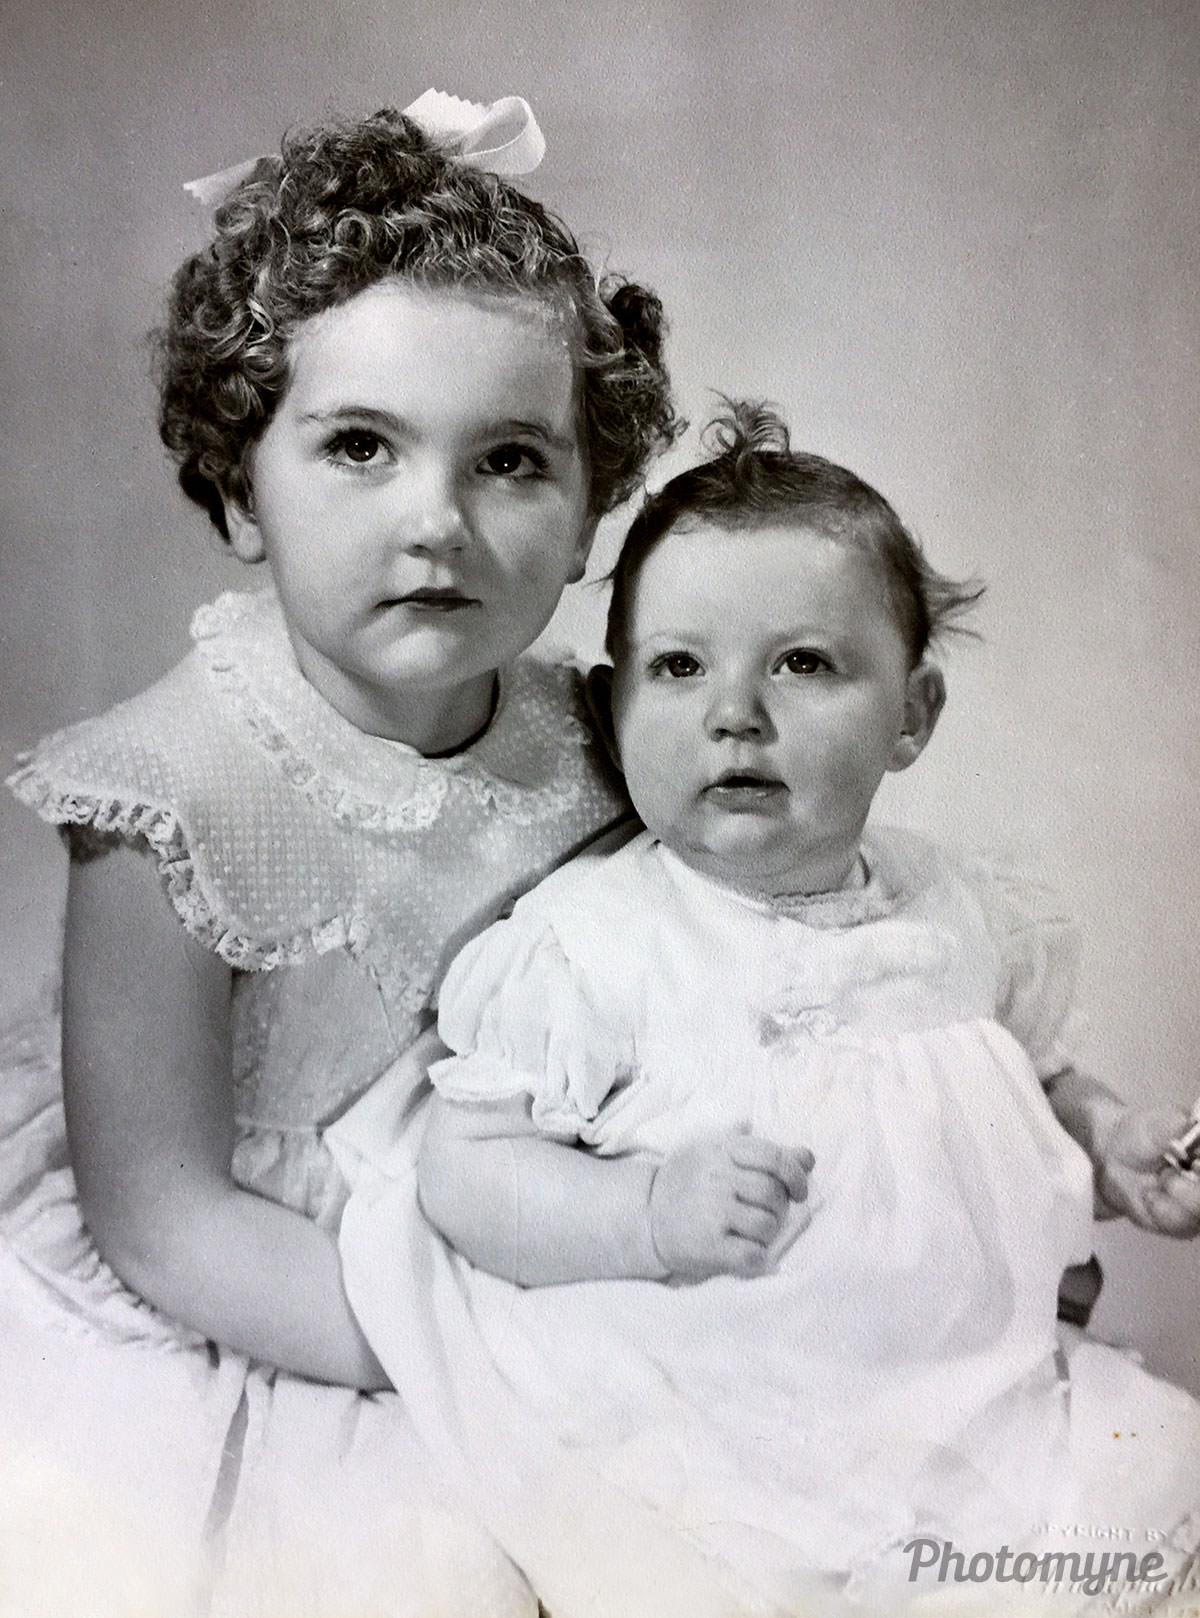 Cute pic of two sisters, Te Anau, New Zealand, 1957